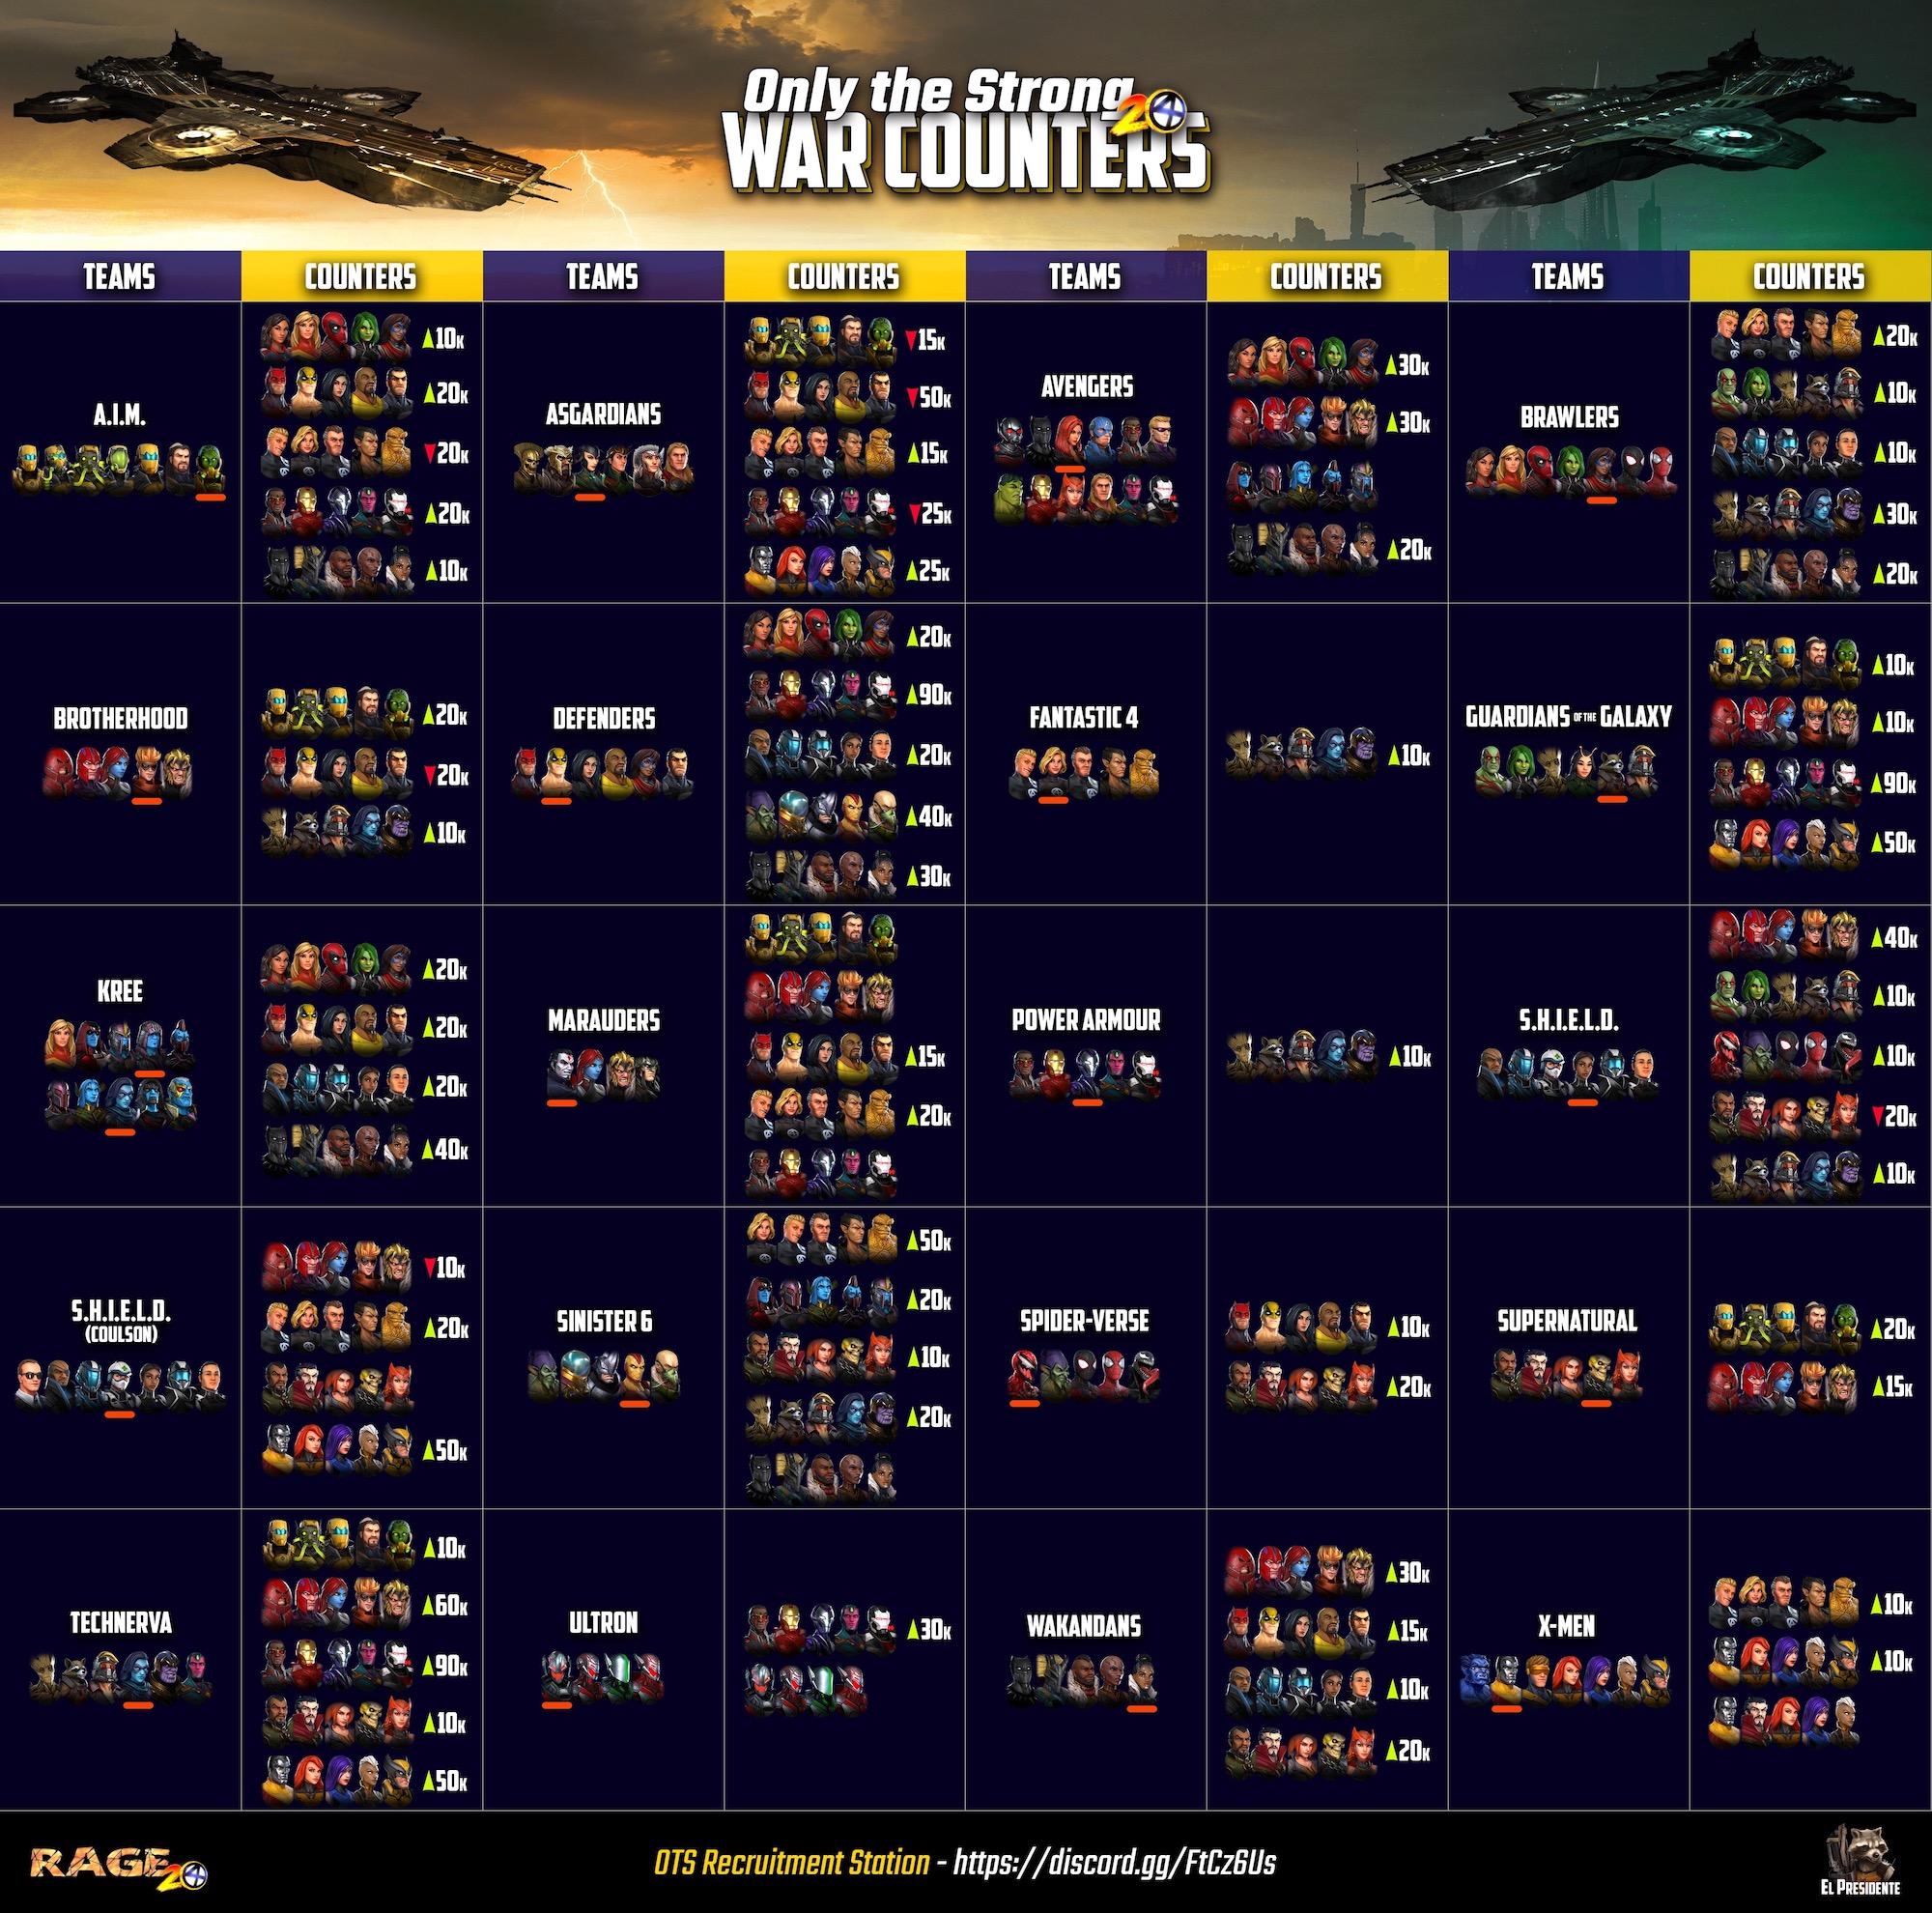 أطباء بلا حدود - عدادات الحرب